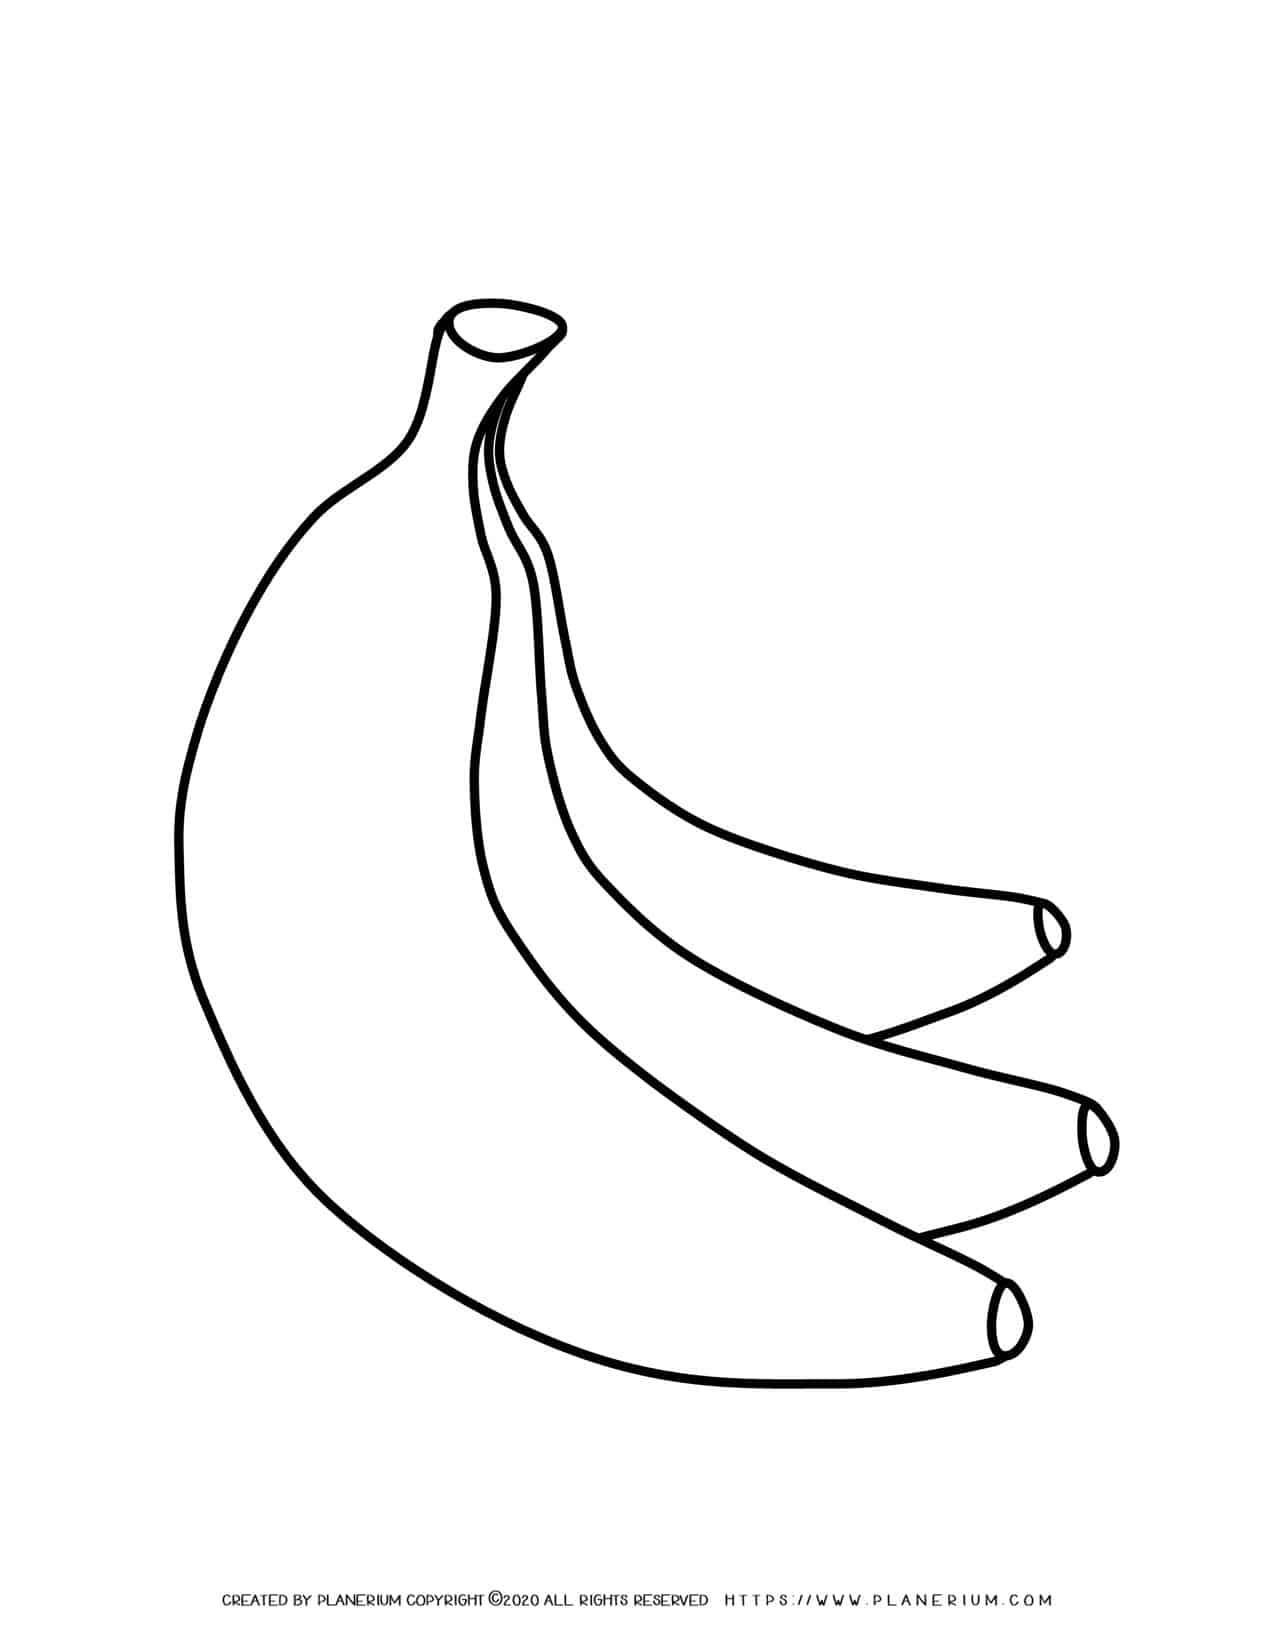 Bananas - Coloring page | Planerium